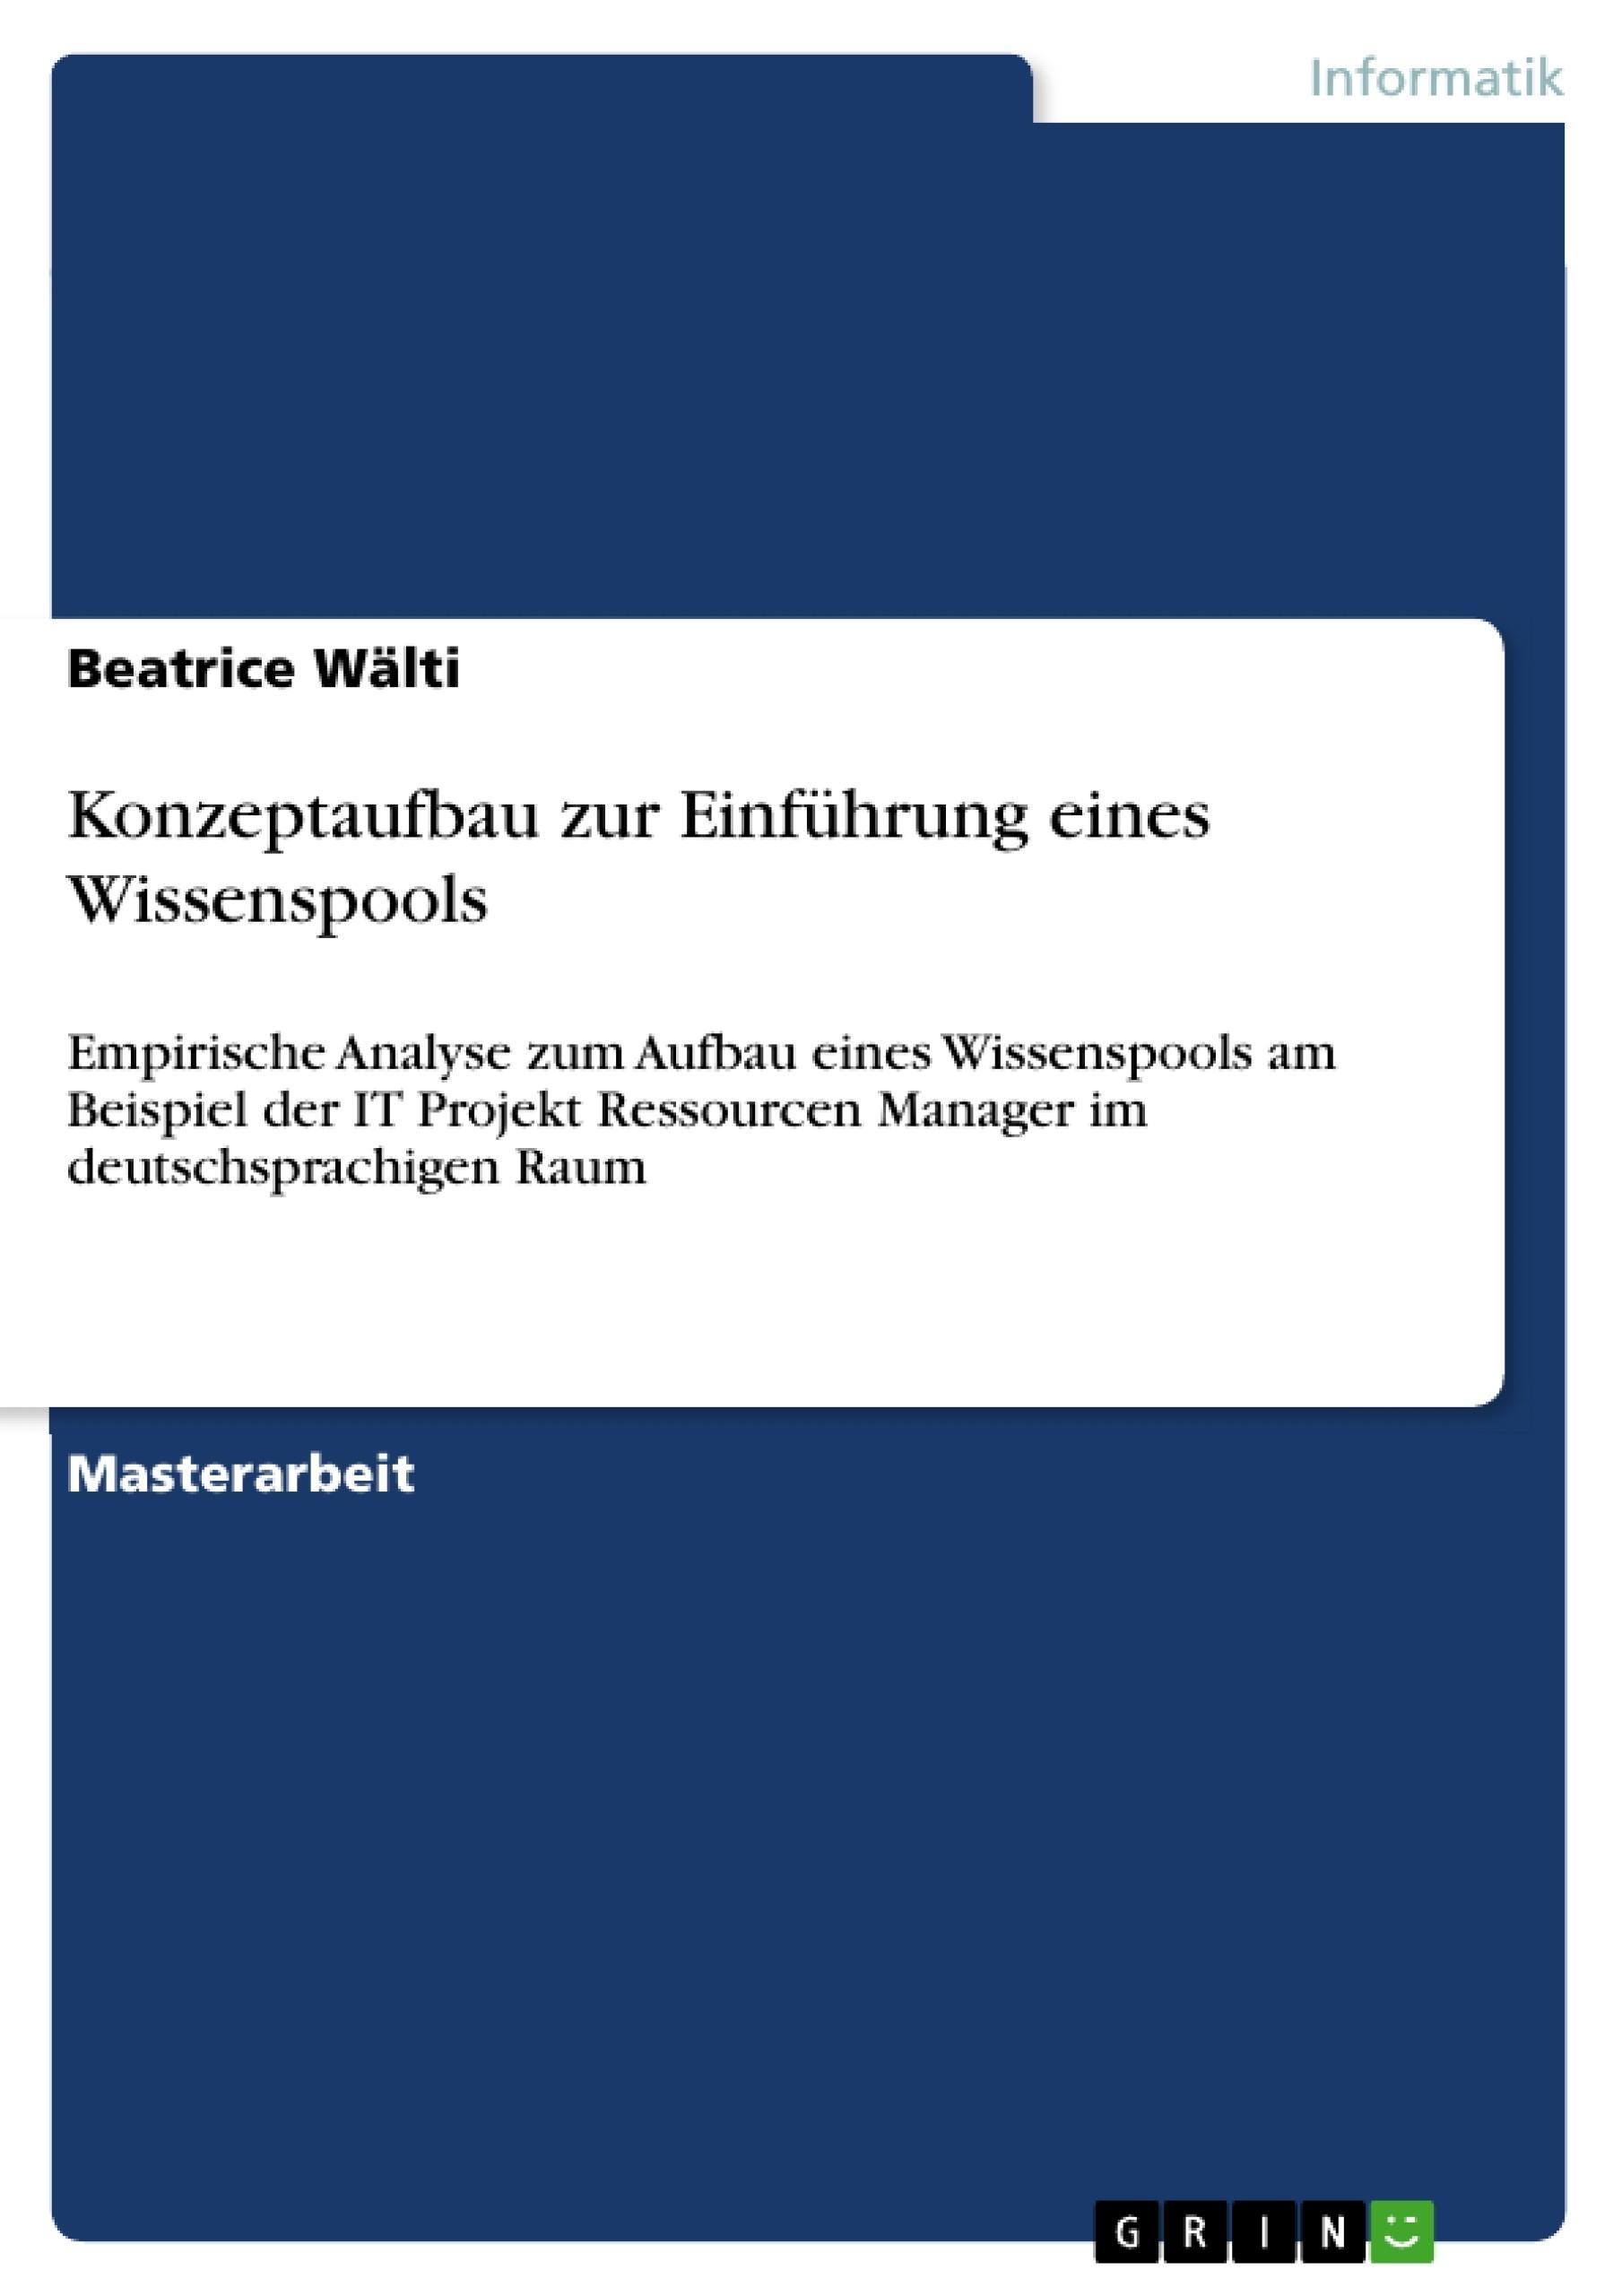 Titel: Konzeptaufbau zur Einführung eines Wissenspools